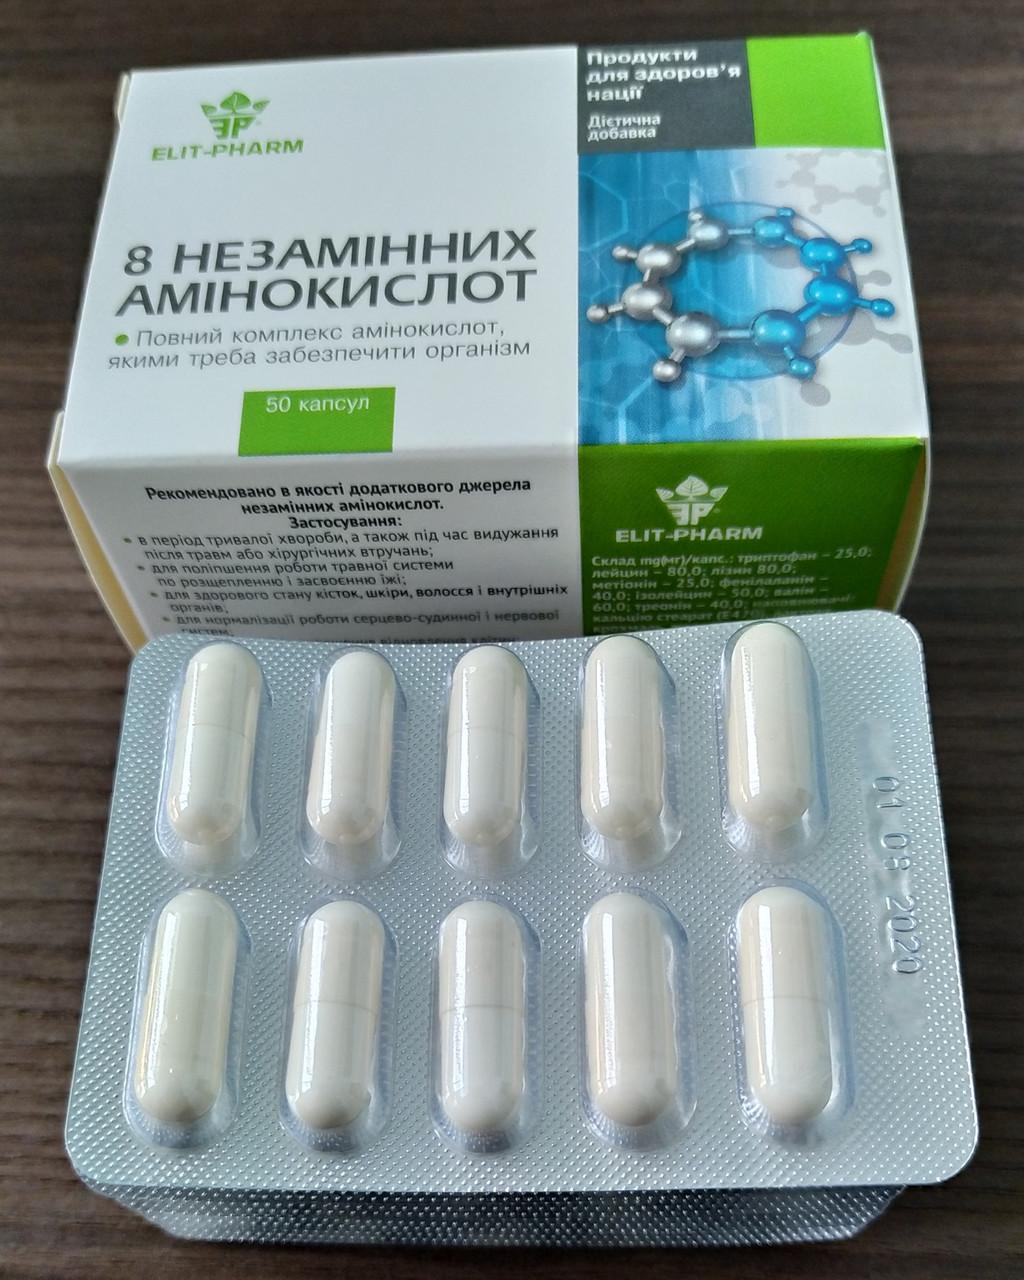 8 Незаменимых аминокислот №50, Элит-фарм